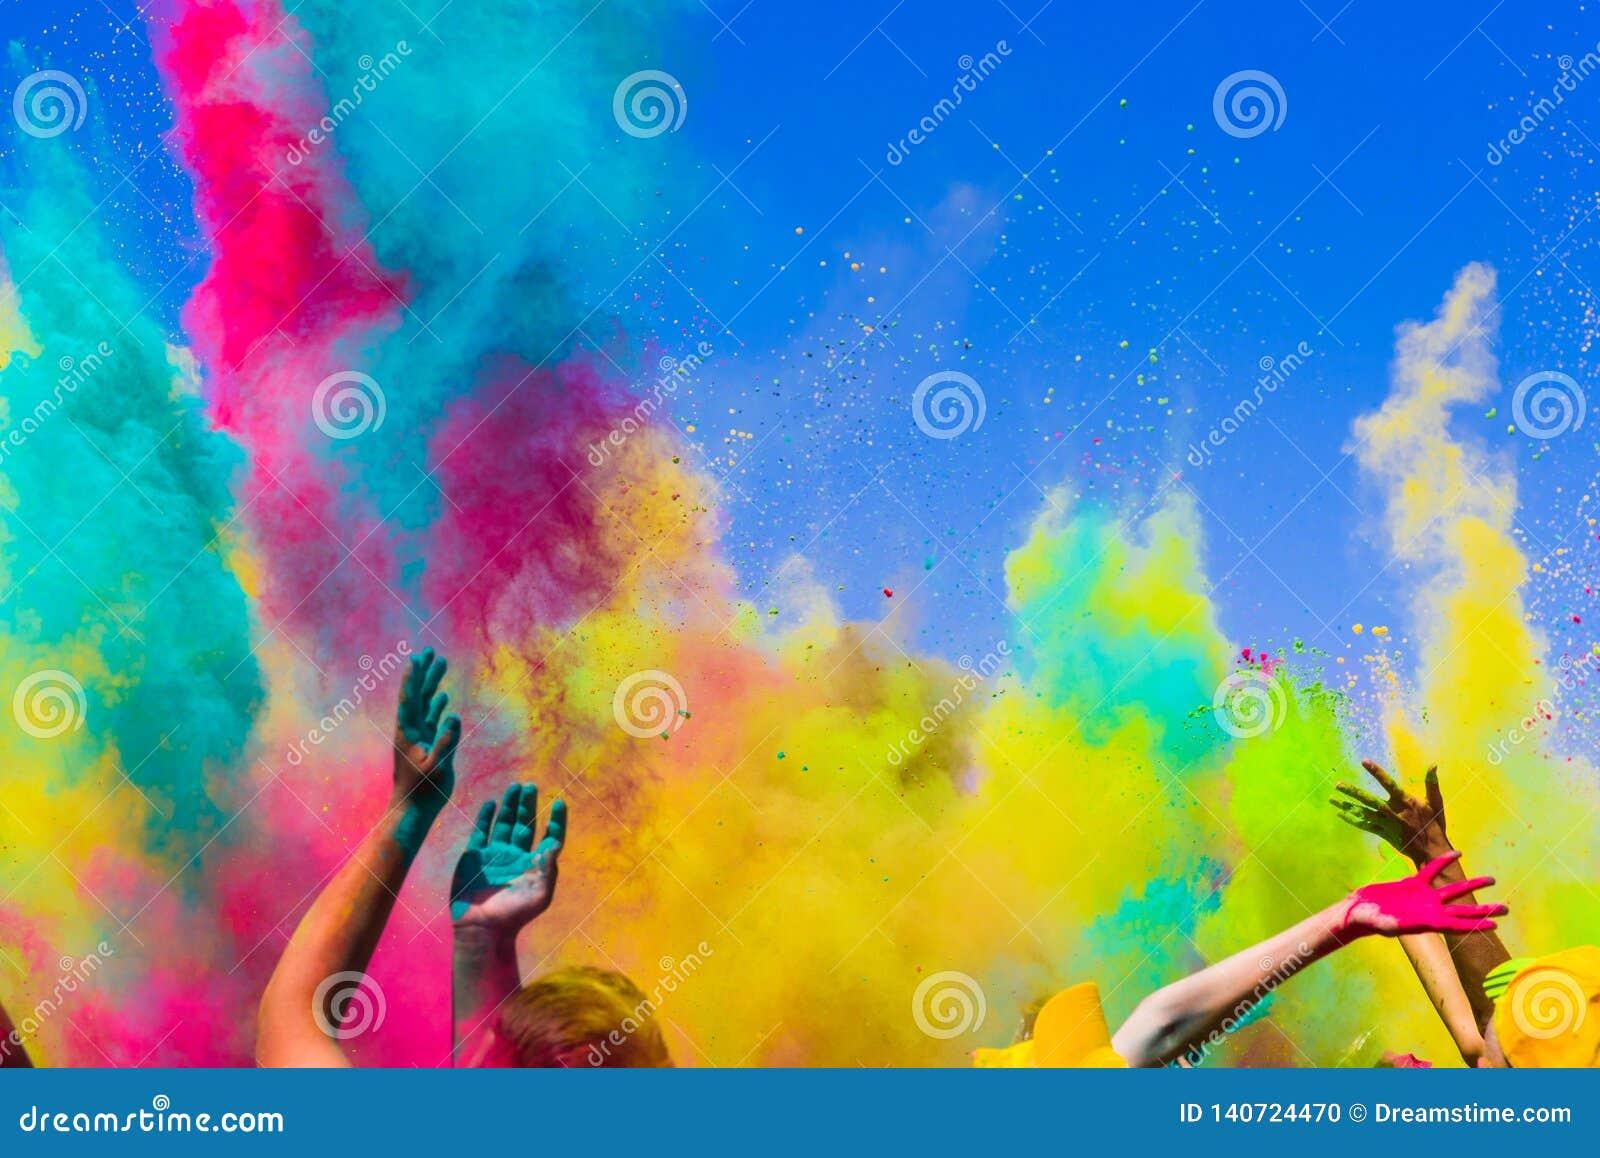 人群投掷色的粉末在holi节日